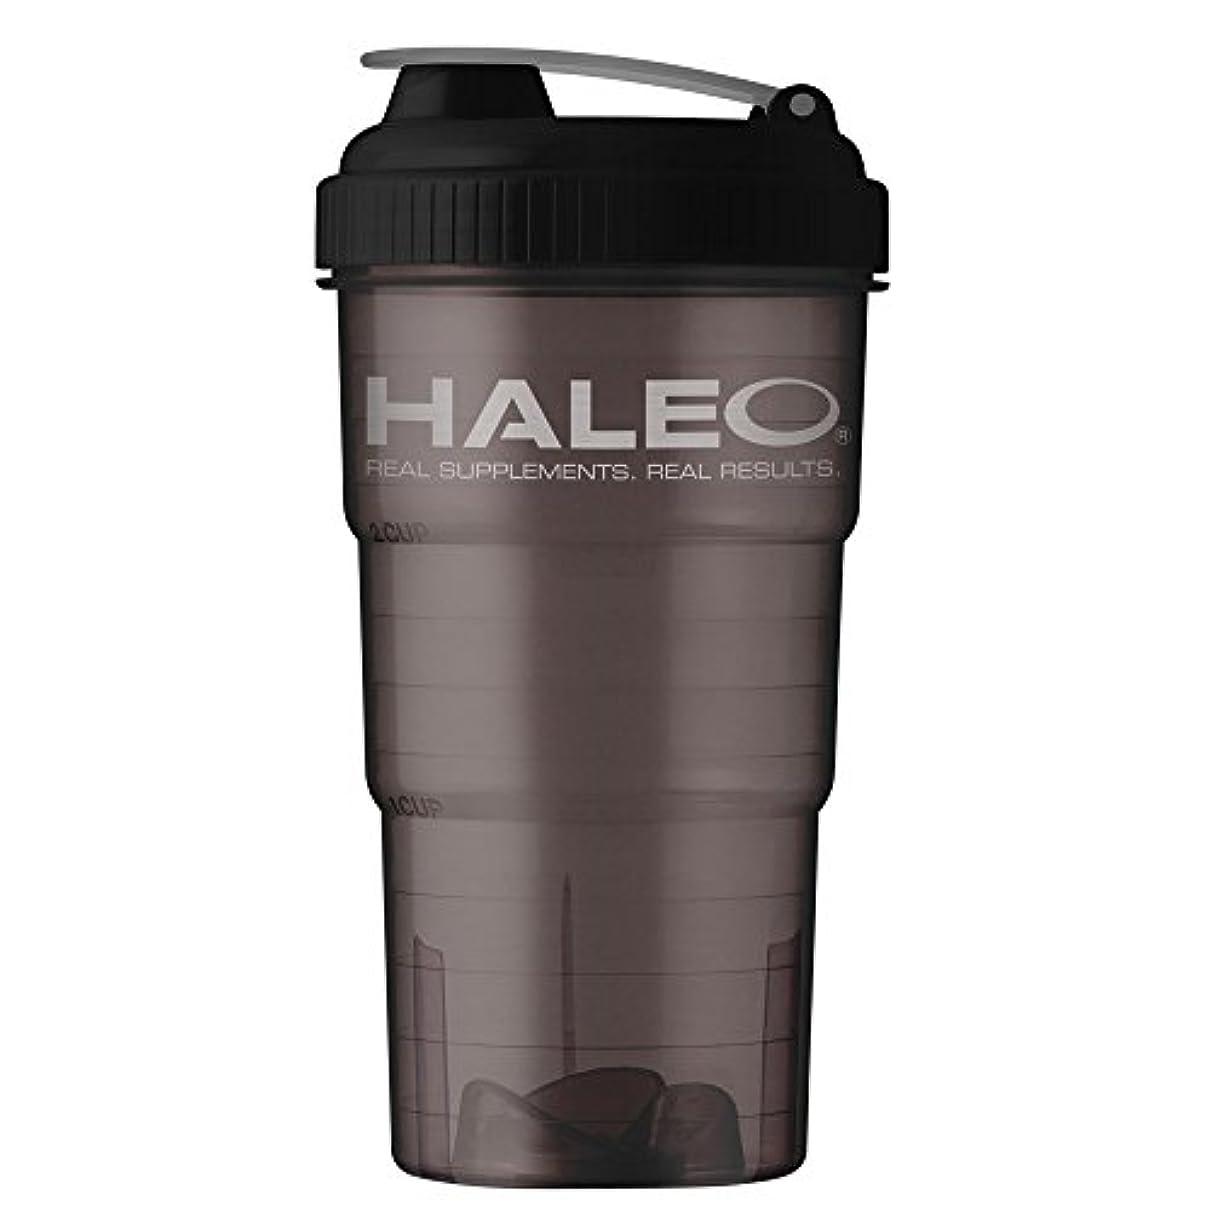 一節実験的毎週HALEO サイクロンシェイカーメタル 750ml プラチナ